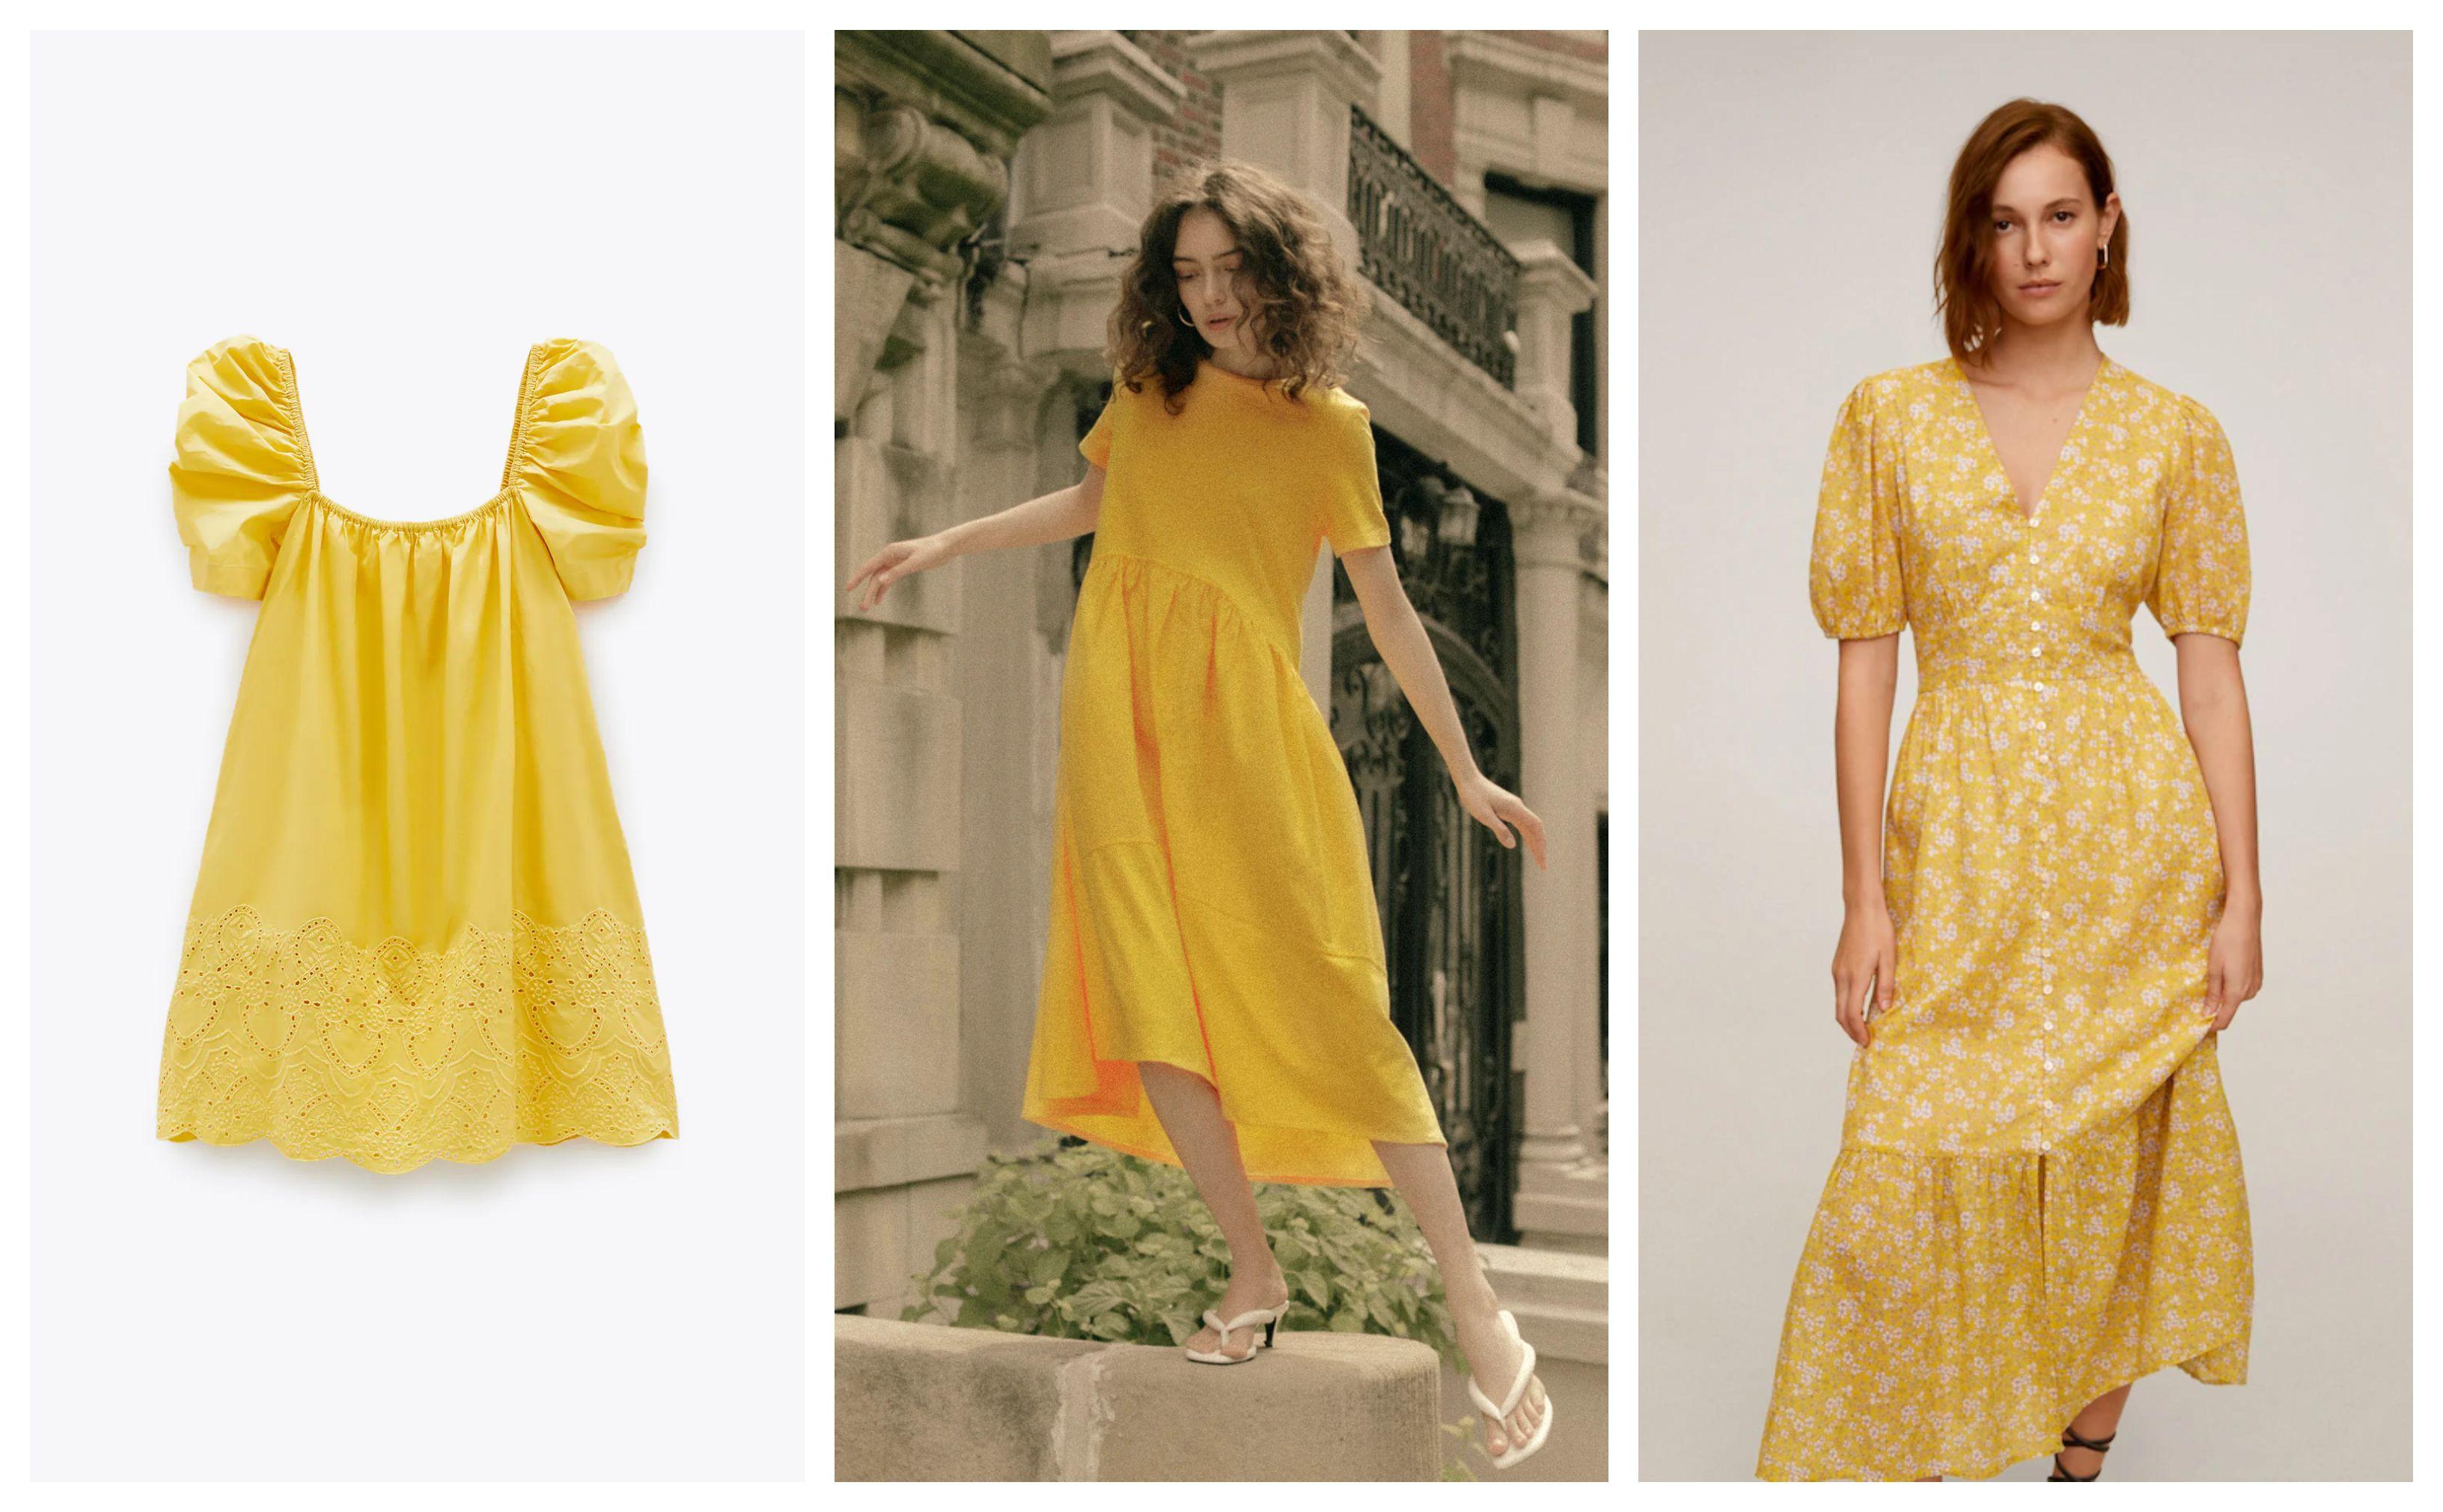 Ništa ne govori ljeto kao žuta boja: Najlljepši komadi u boji ljeta iz ponude high street dućana